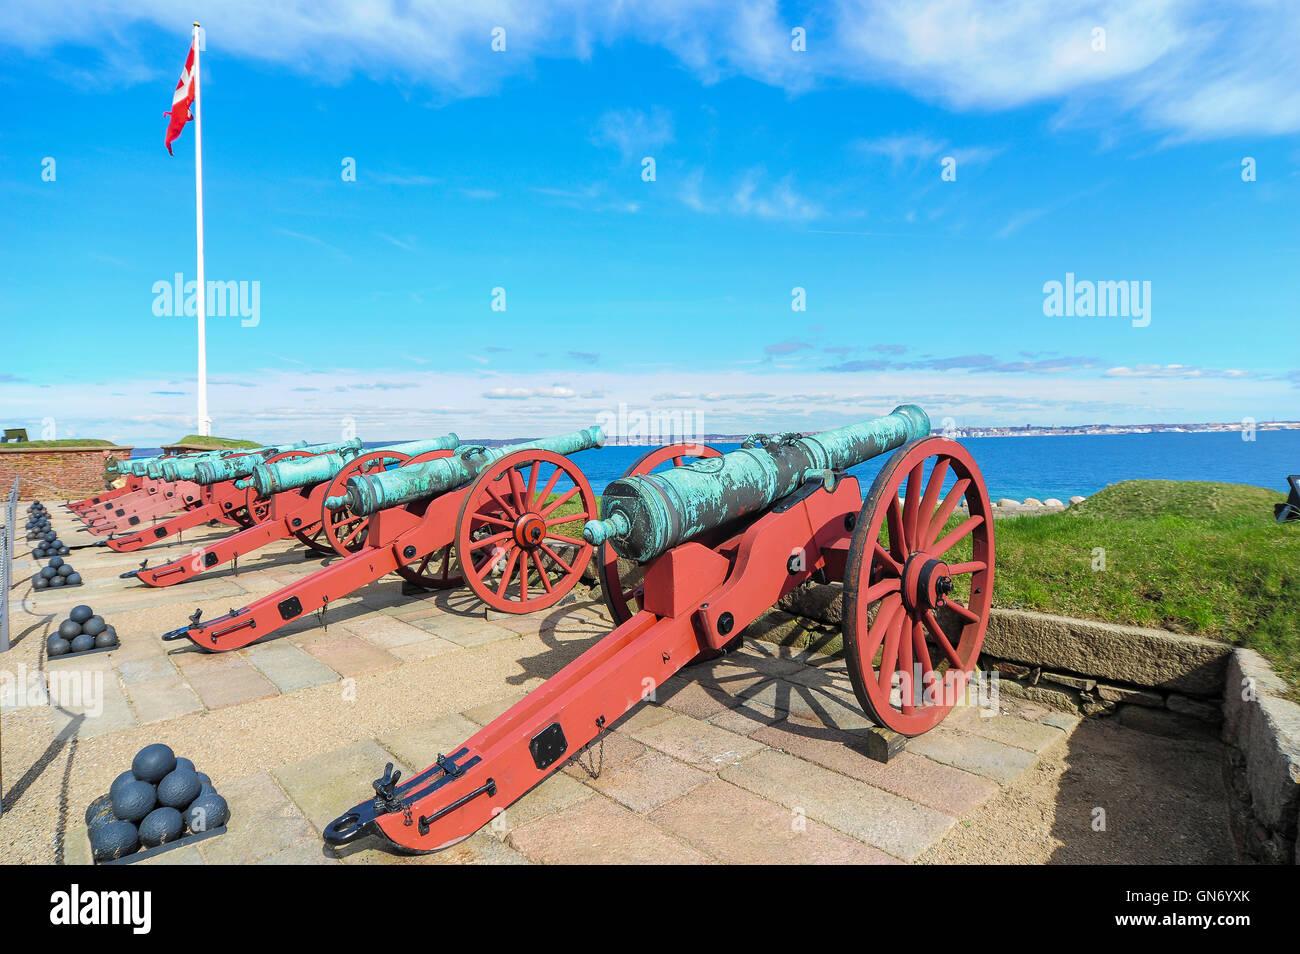 Cannon of Kronborg Castle, Helsingor, Denmark - Stock Image